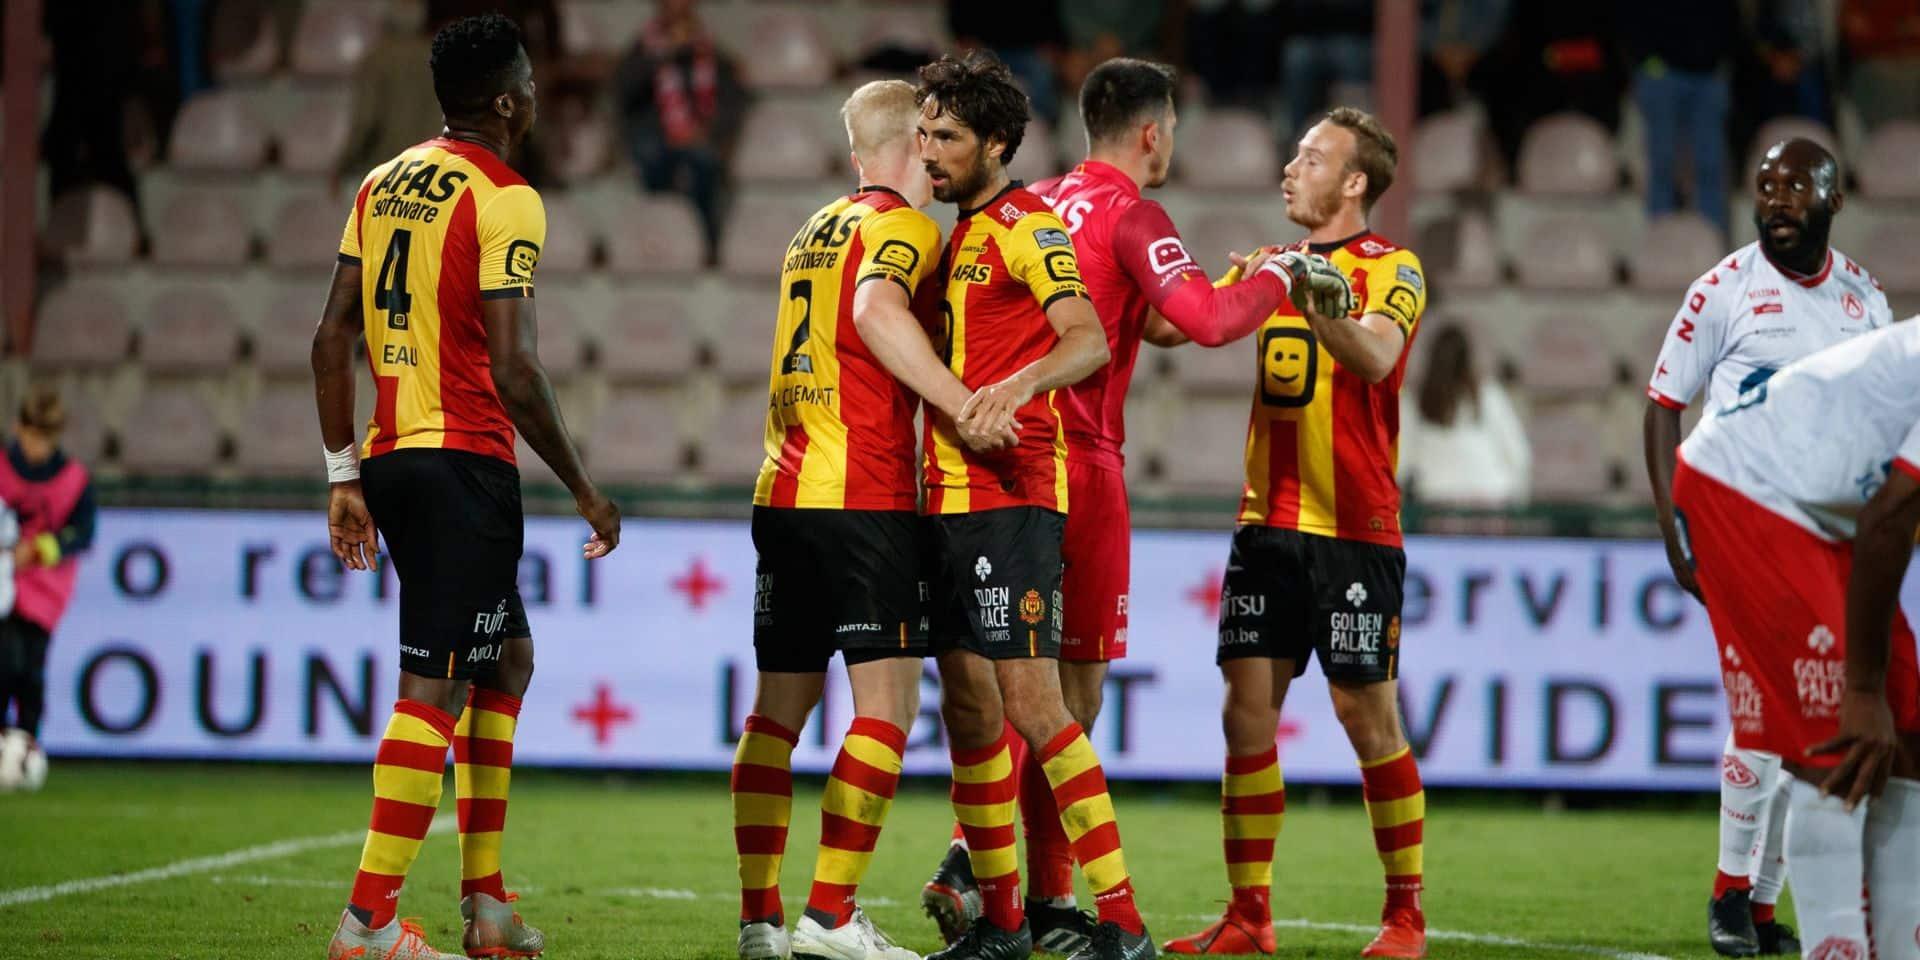 Mené à la marque par Courtrai, Malines marque trois buts en neuf minutes (2-3)